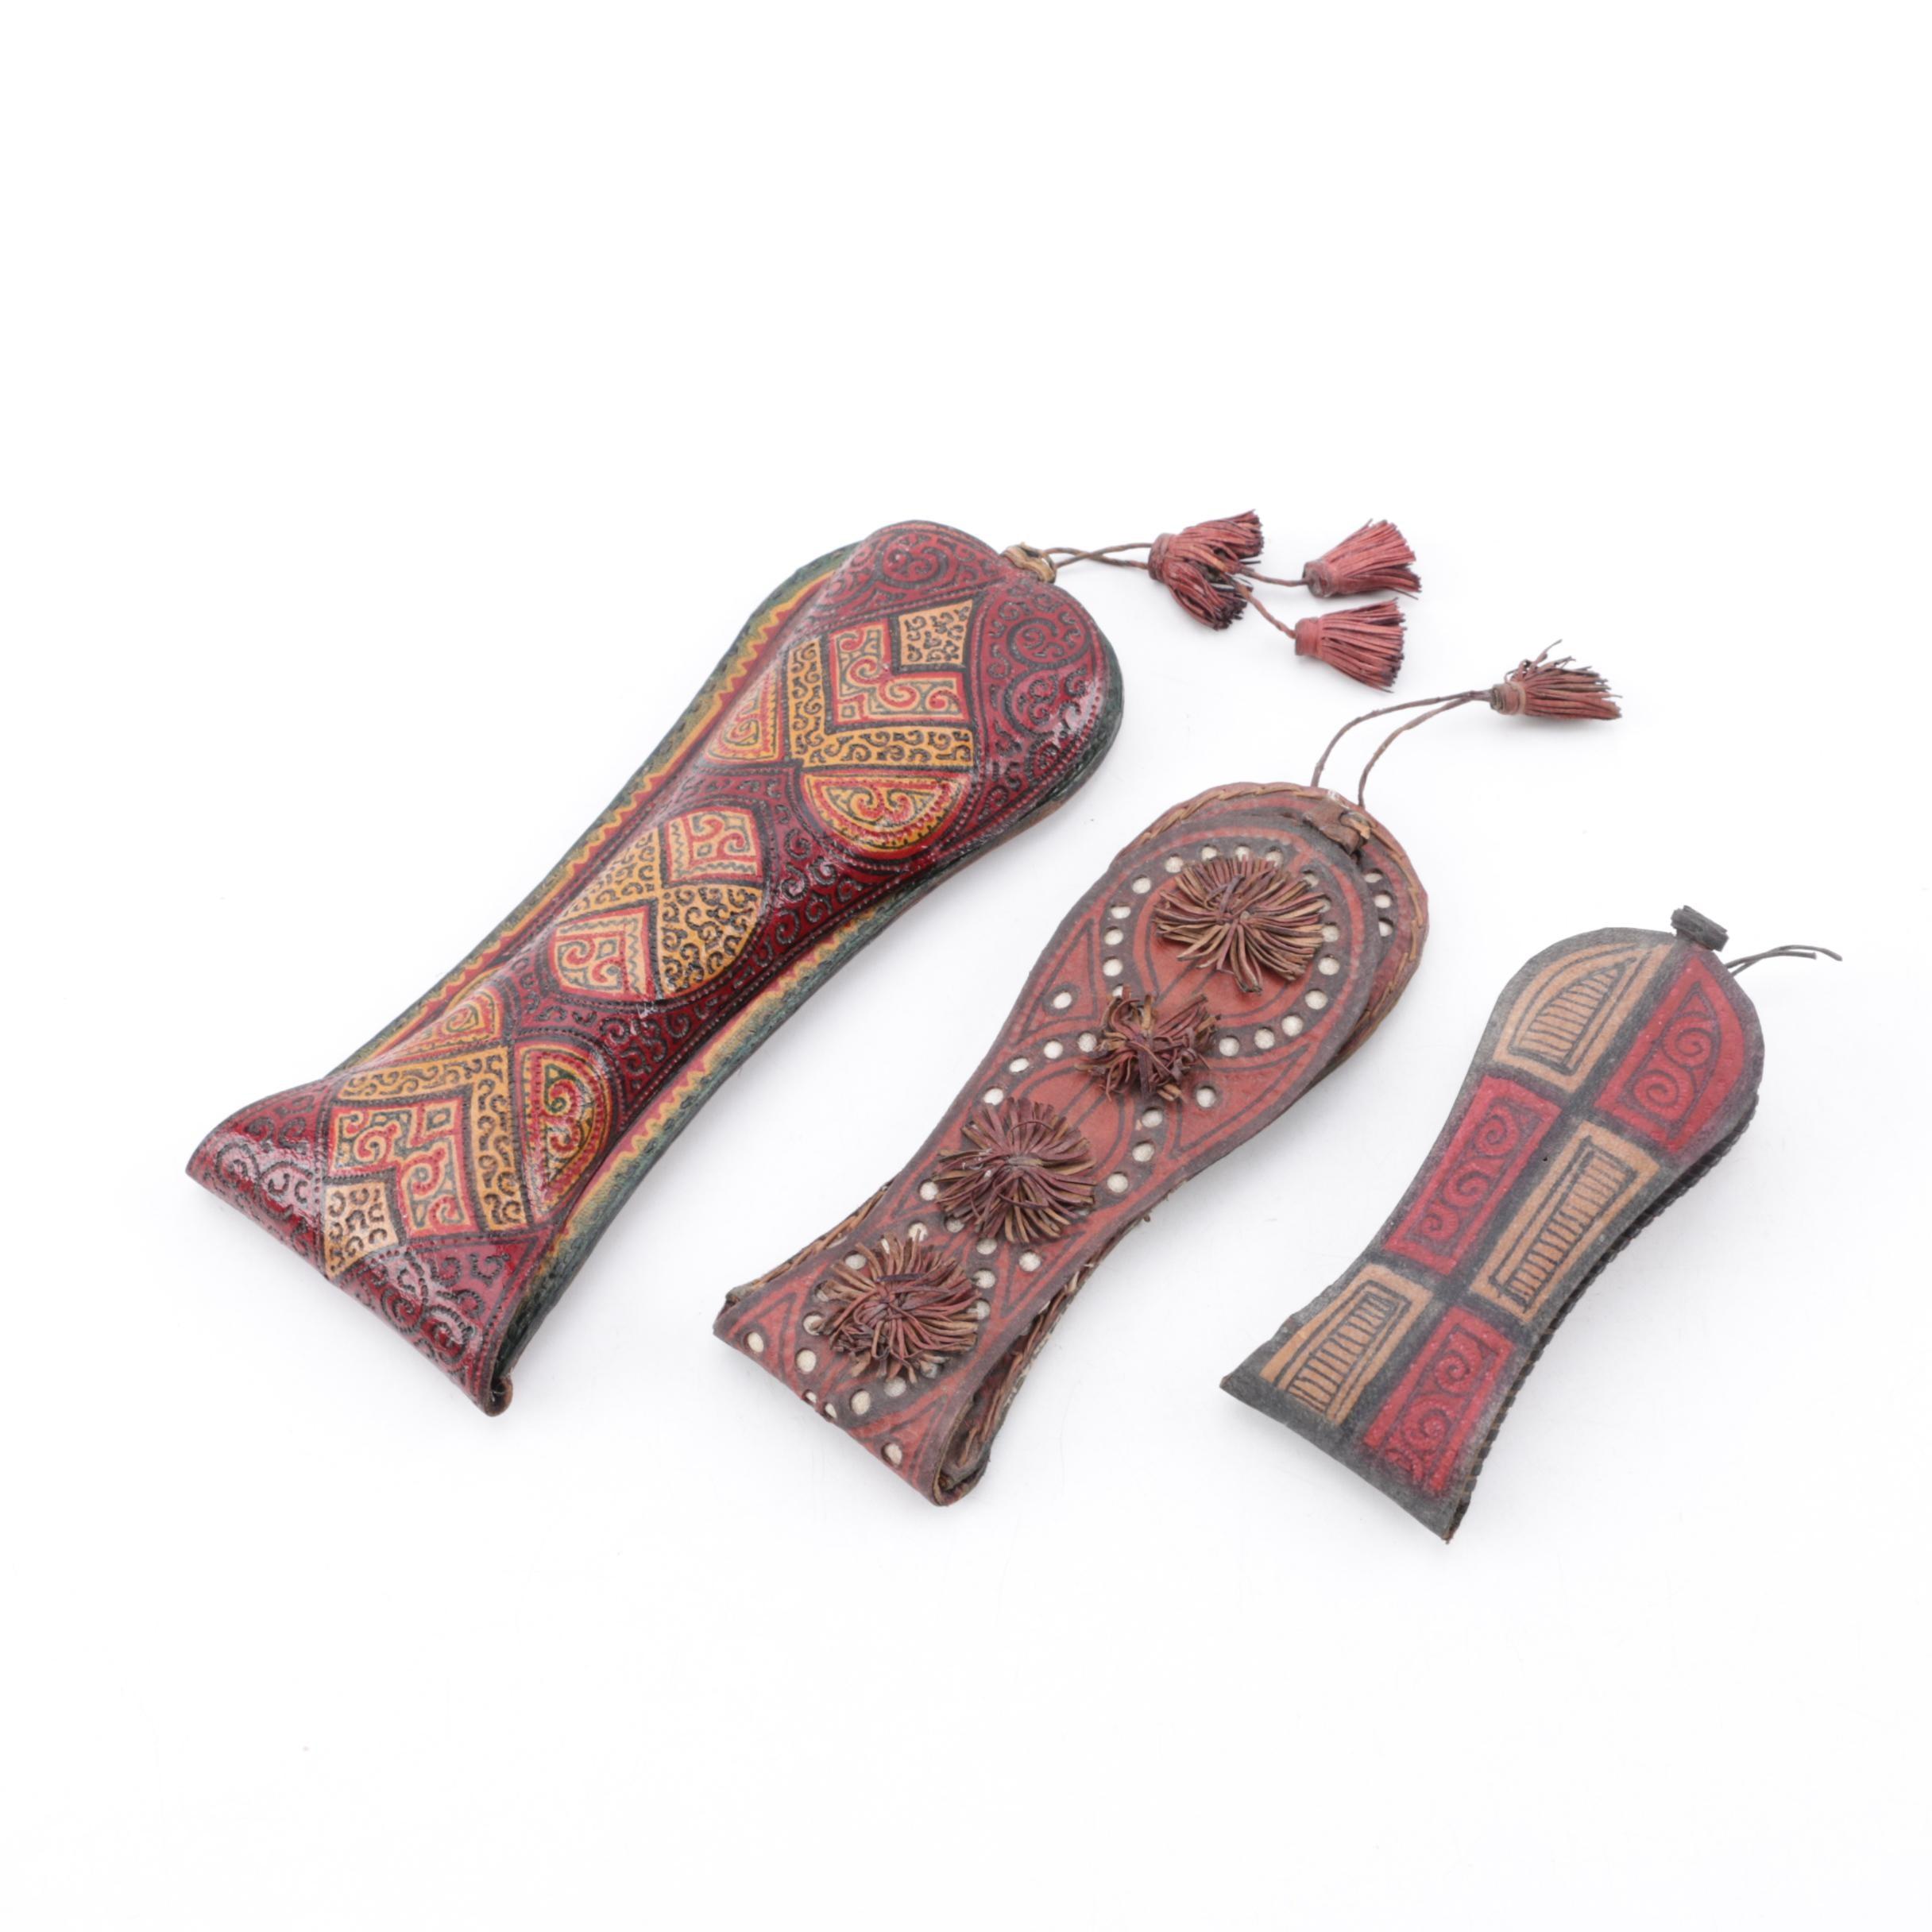 Sahelian Style Tooled Leather Regué Batte Tobacco Pouches